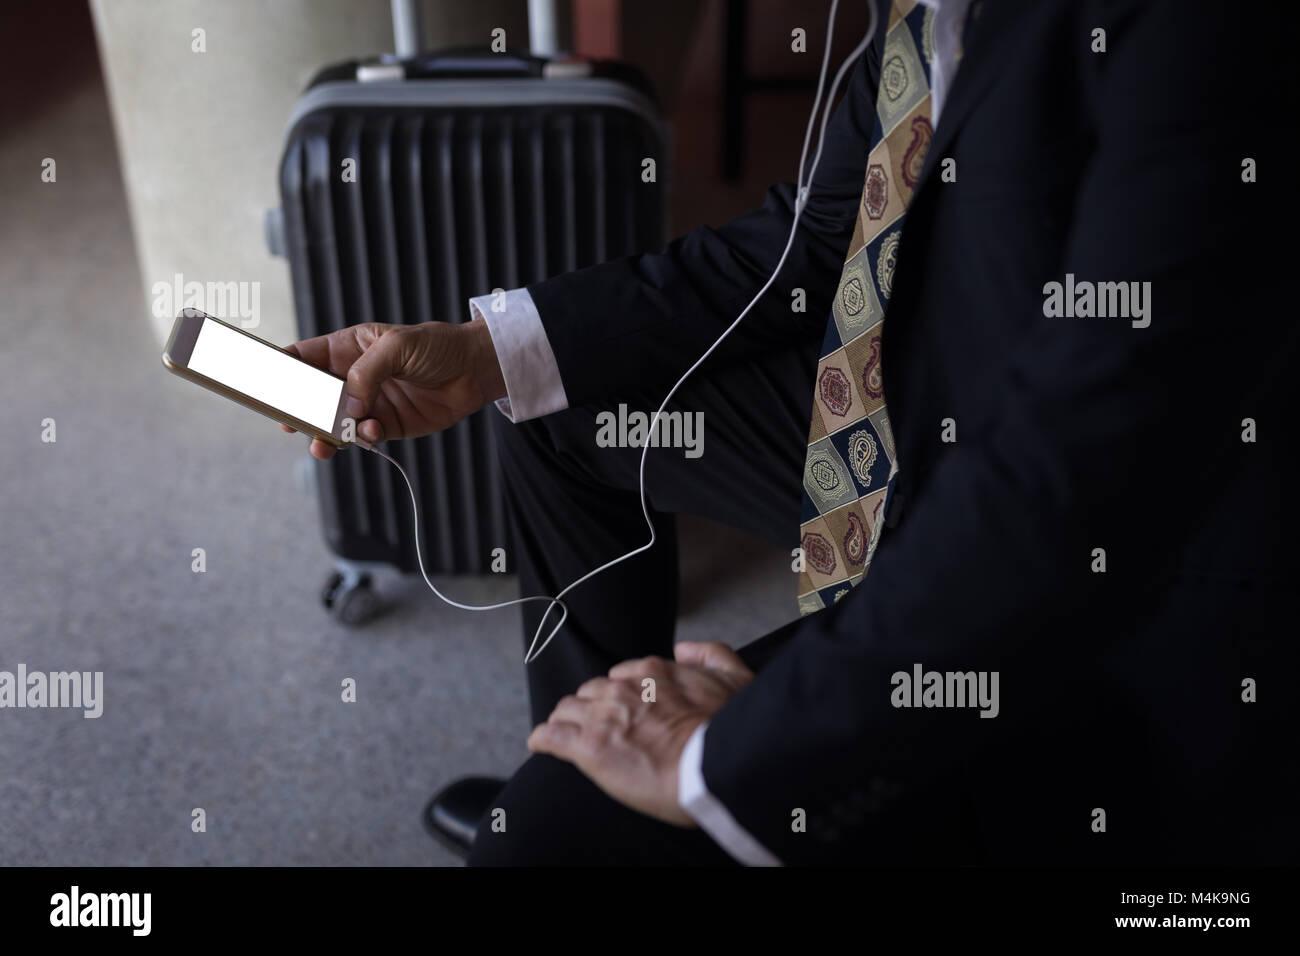 Empresario utilizando un teléfono inteligente. Imagen De Stock